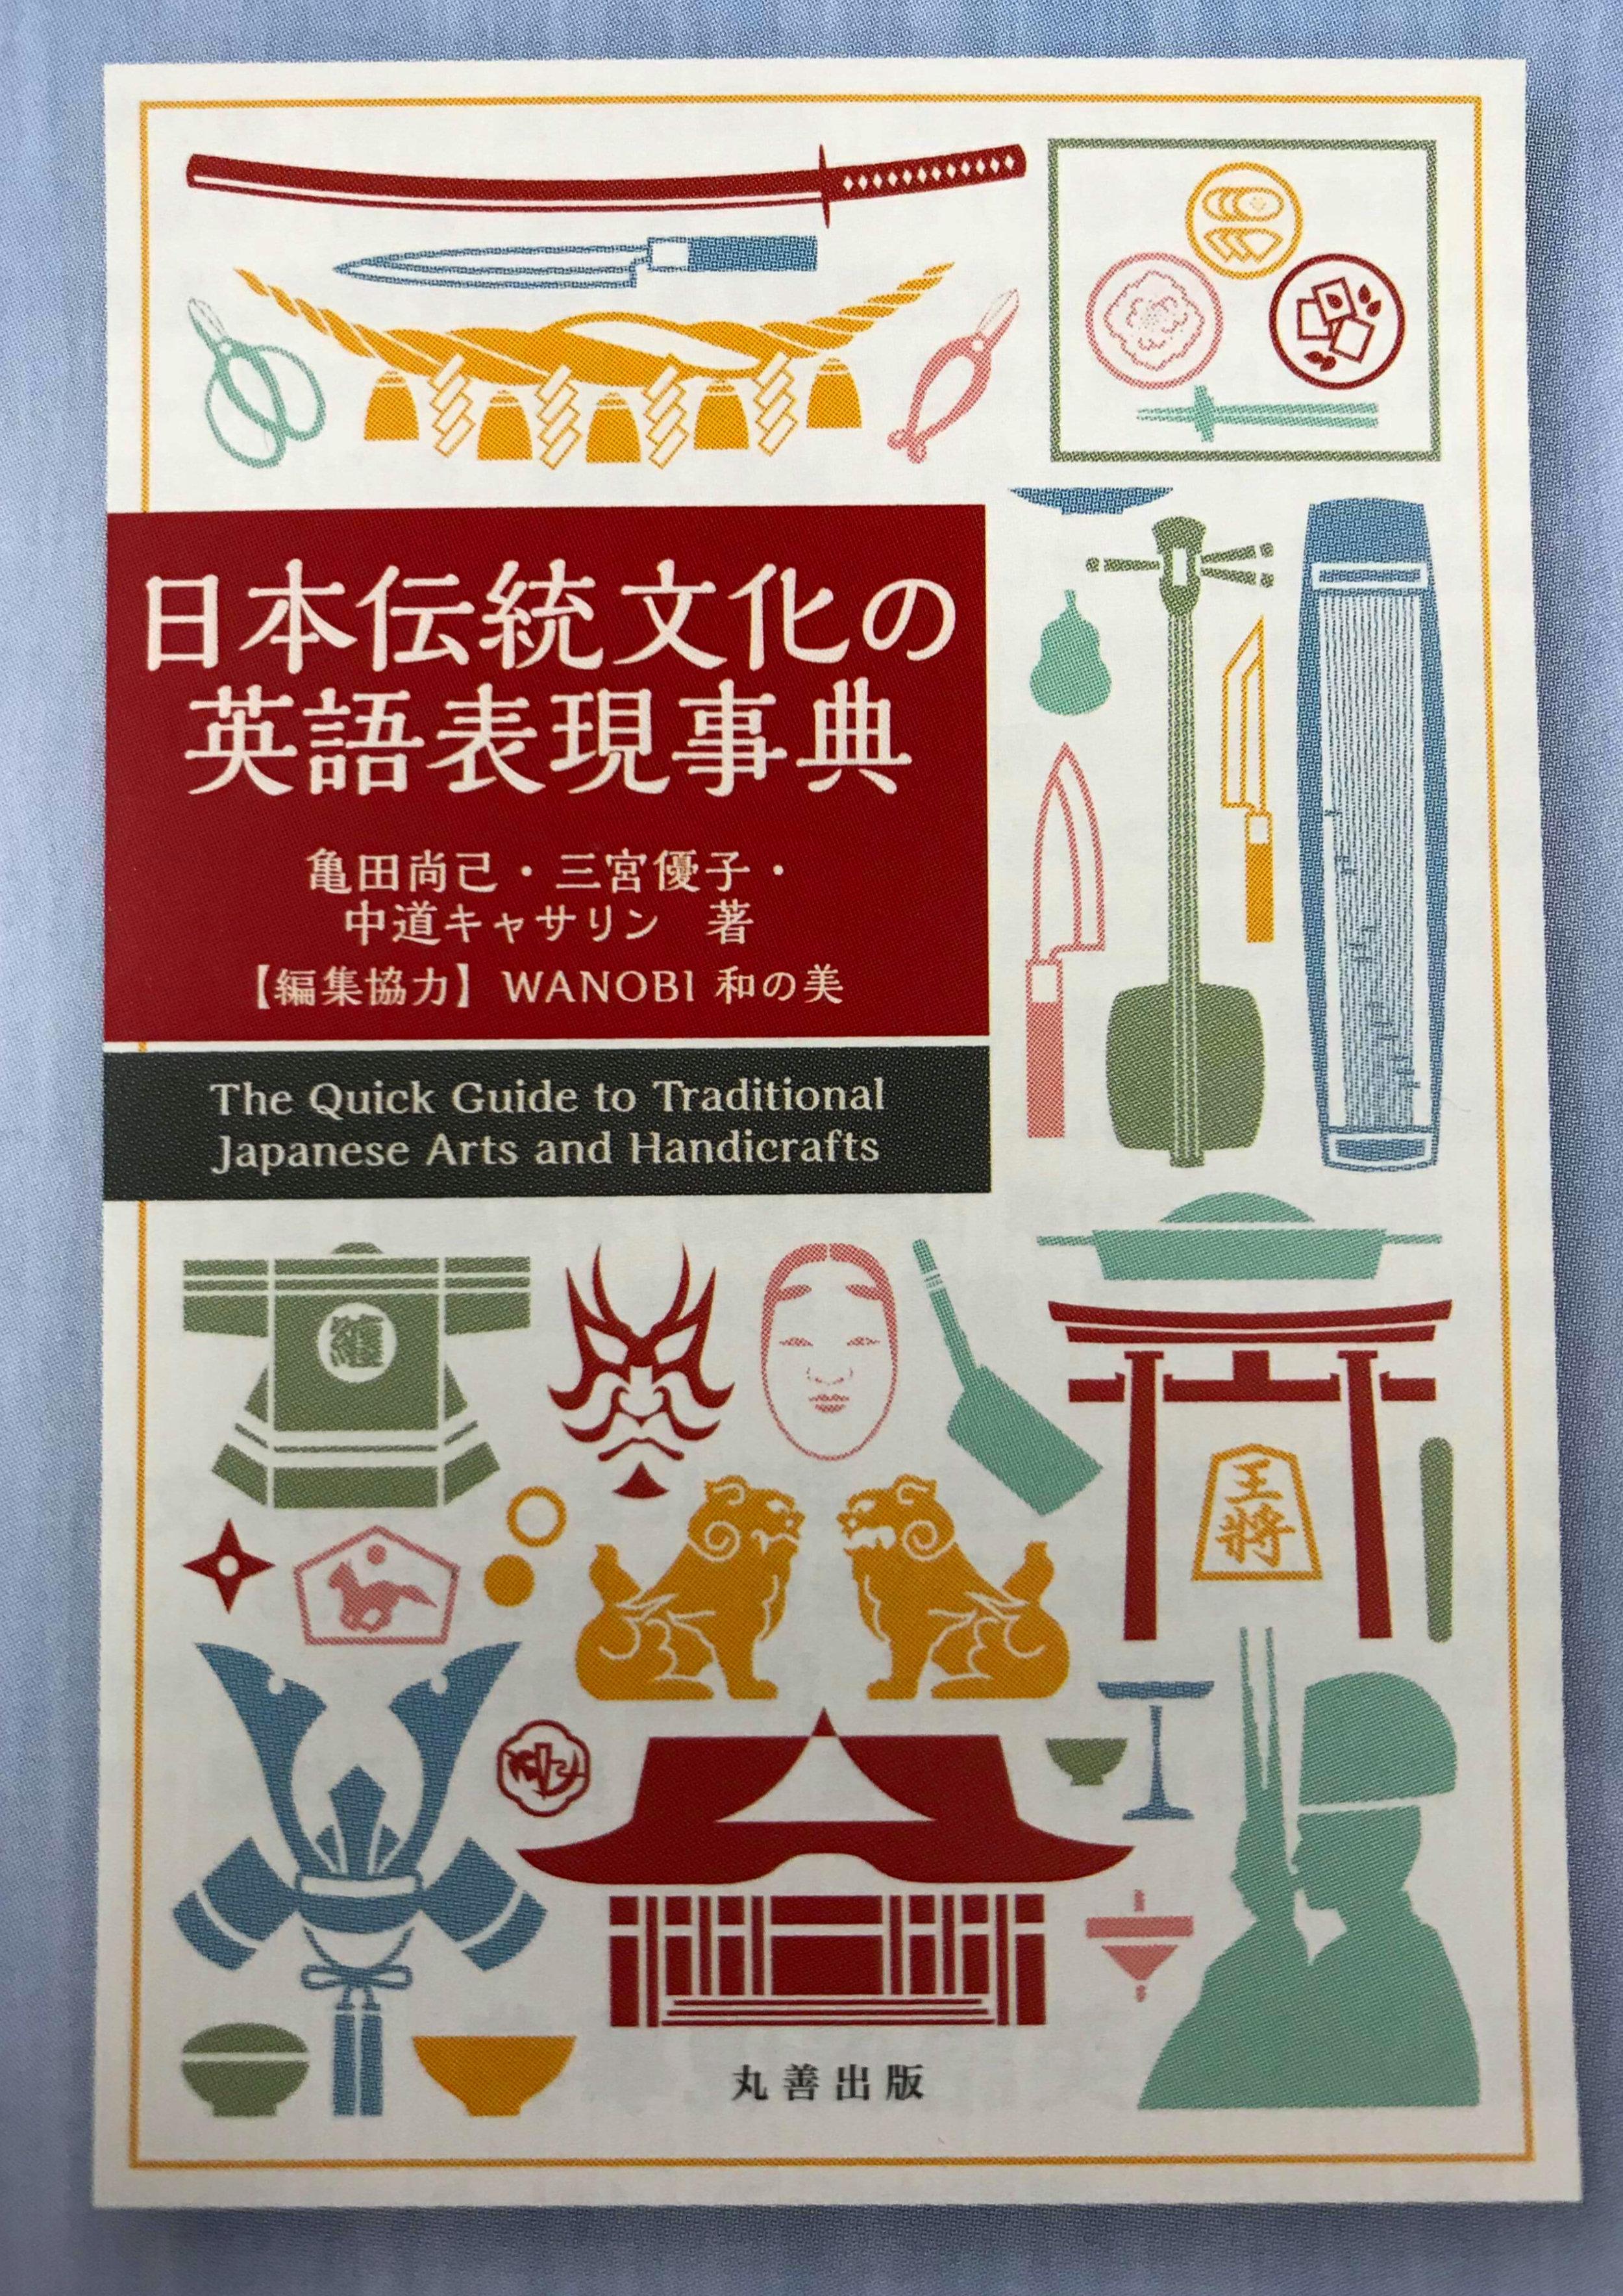 日本伝統文化の英語表現辞典 The Quick Guide to Traditional Japanese Arts and Handicrafts.jpg